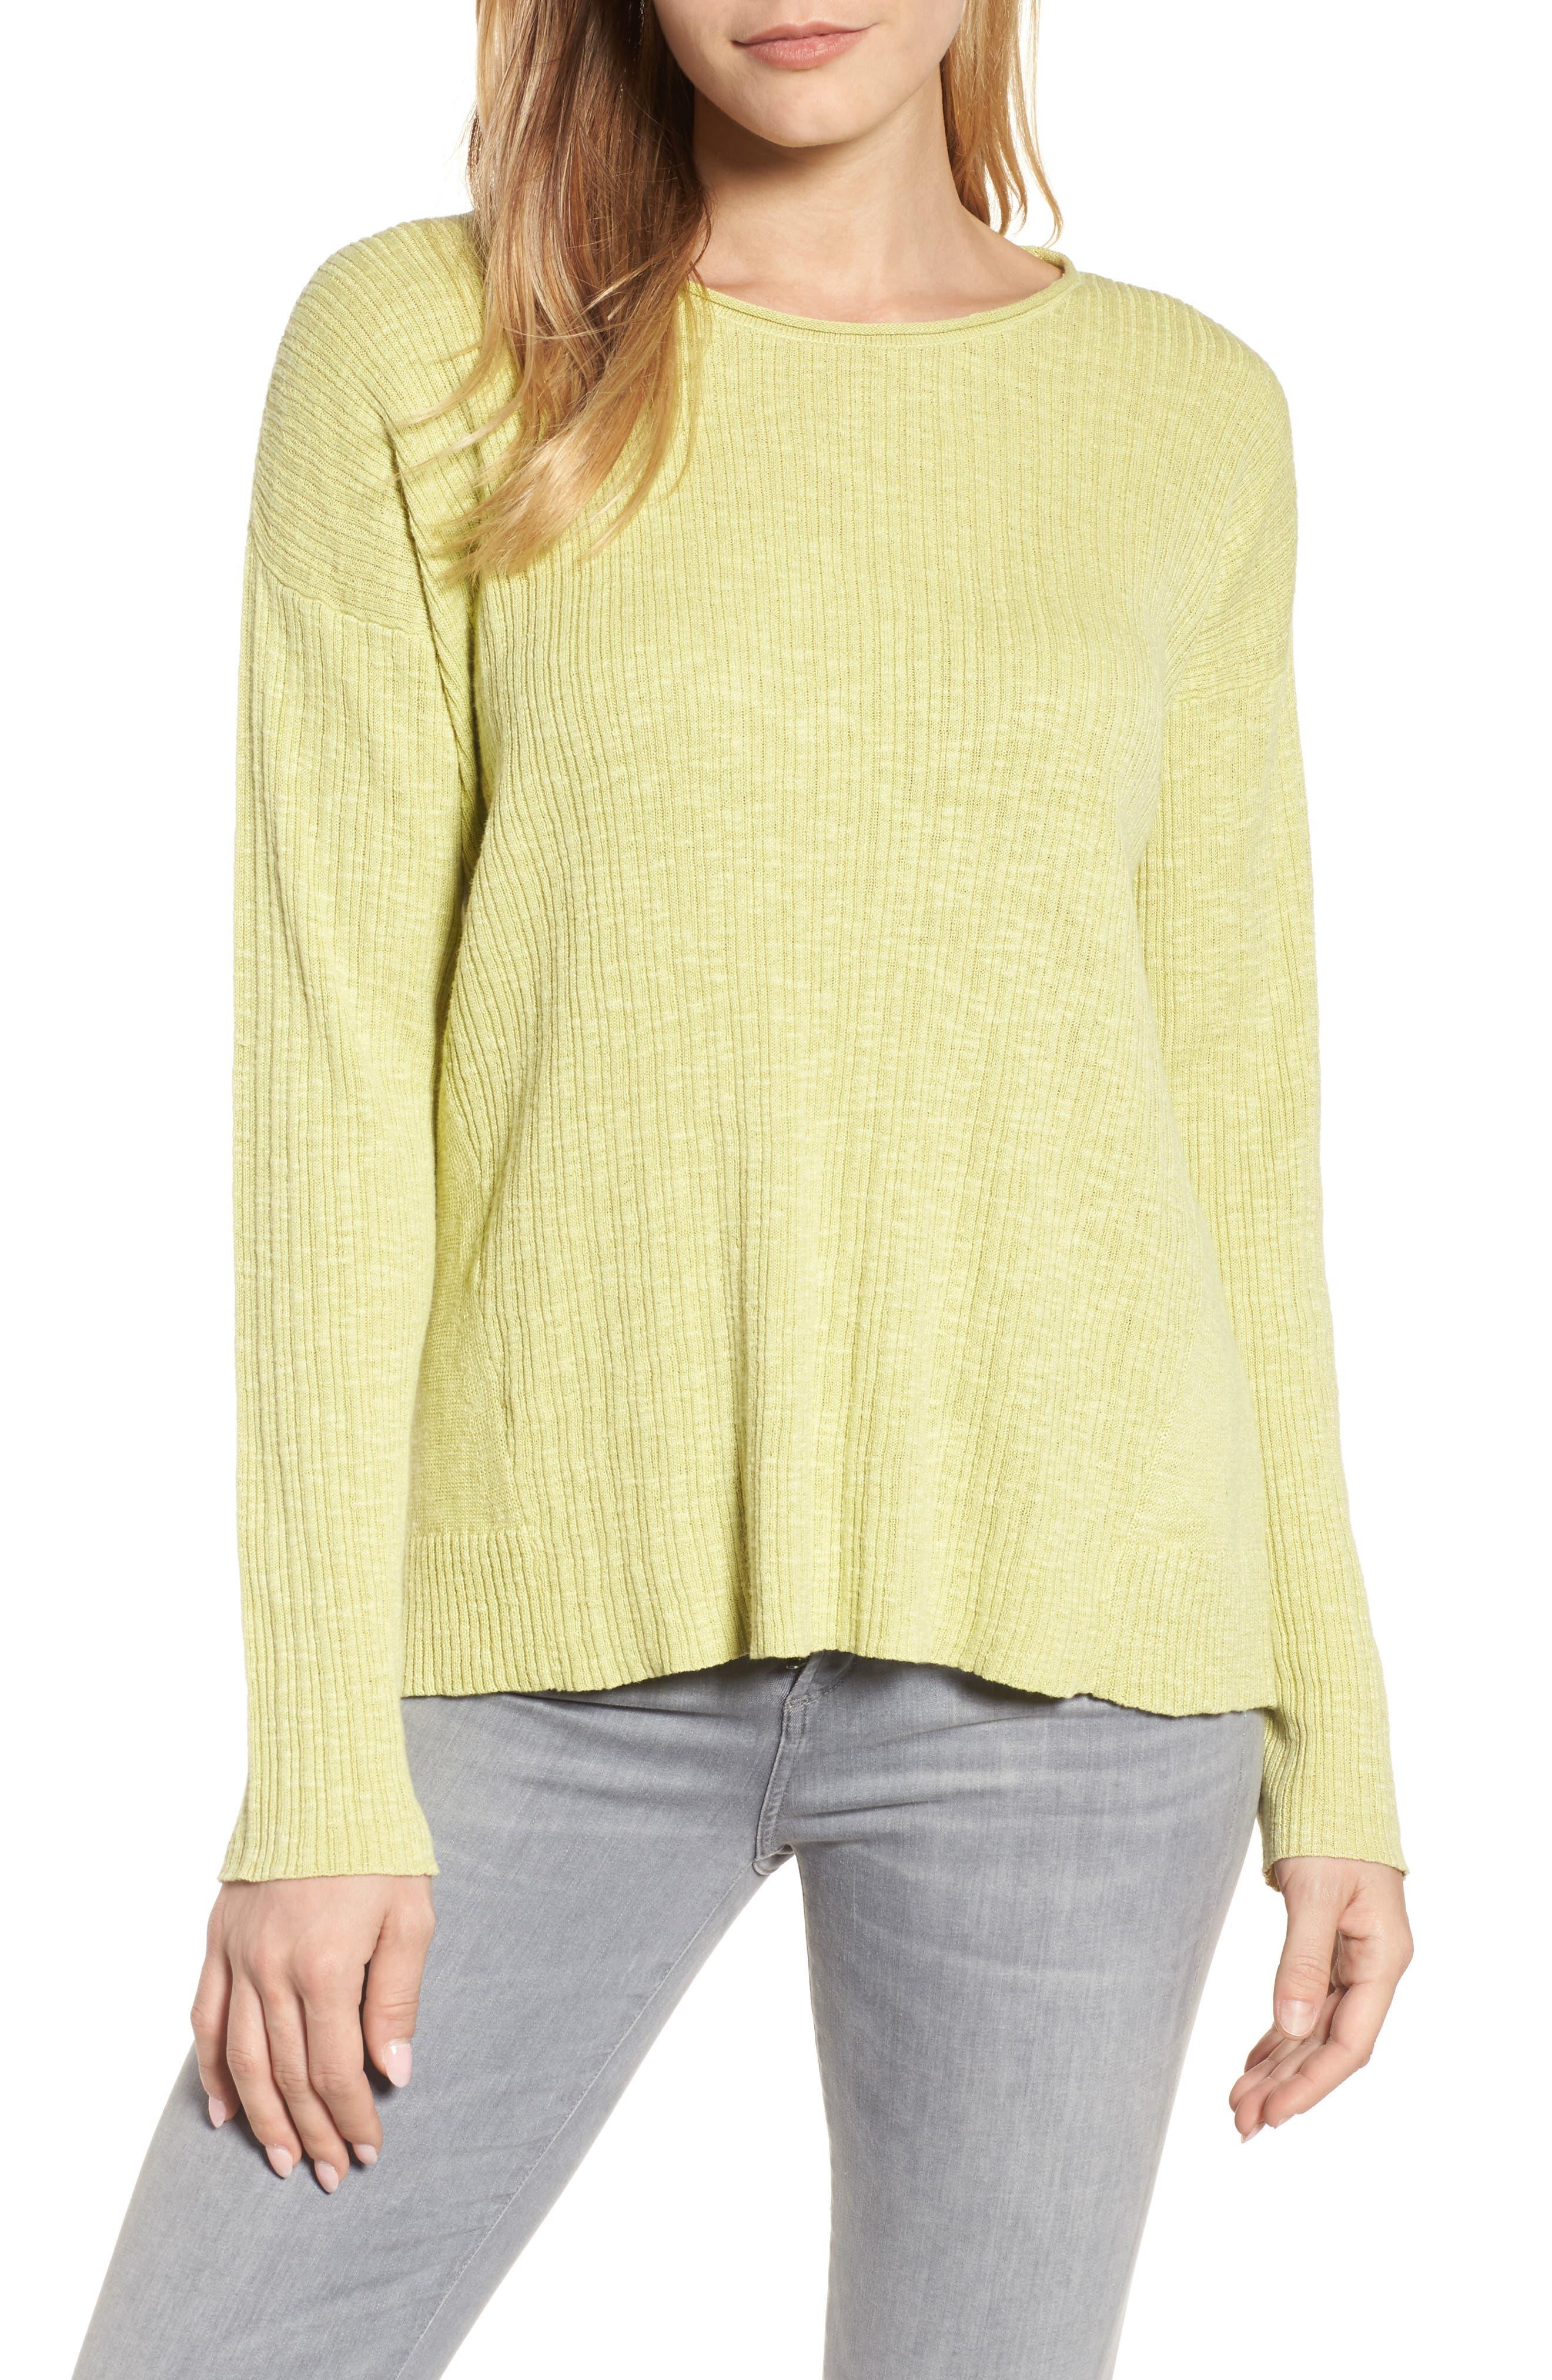 Eileen Fisher Organic Linen & Cotton Crewneck Sweater (Regular & Petite)